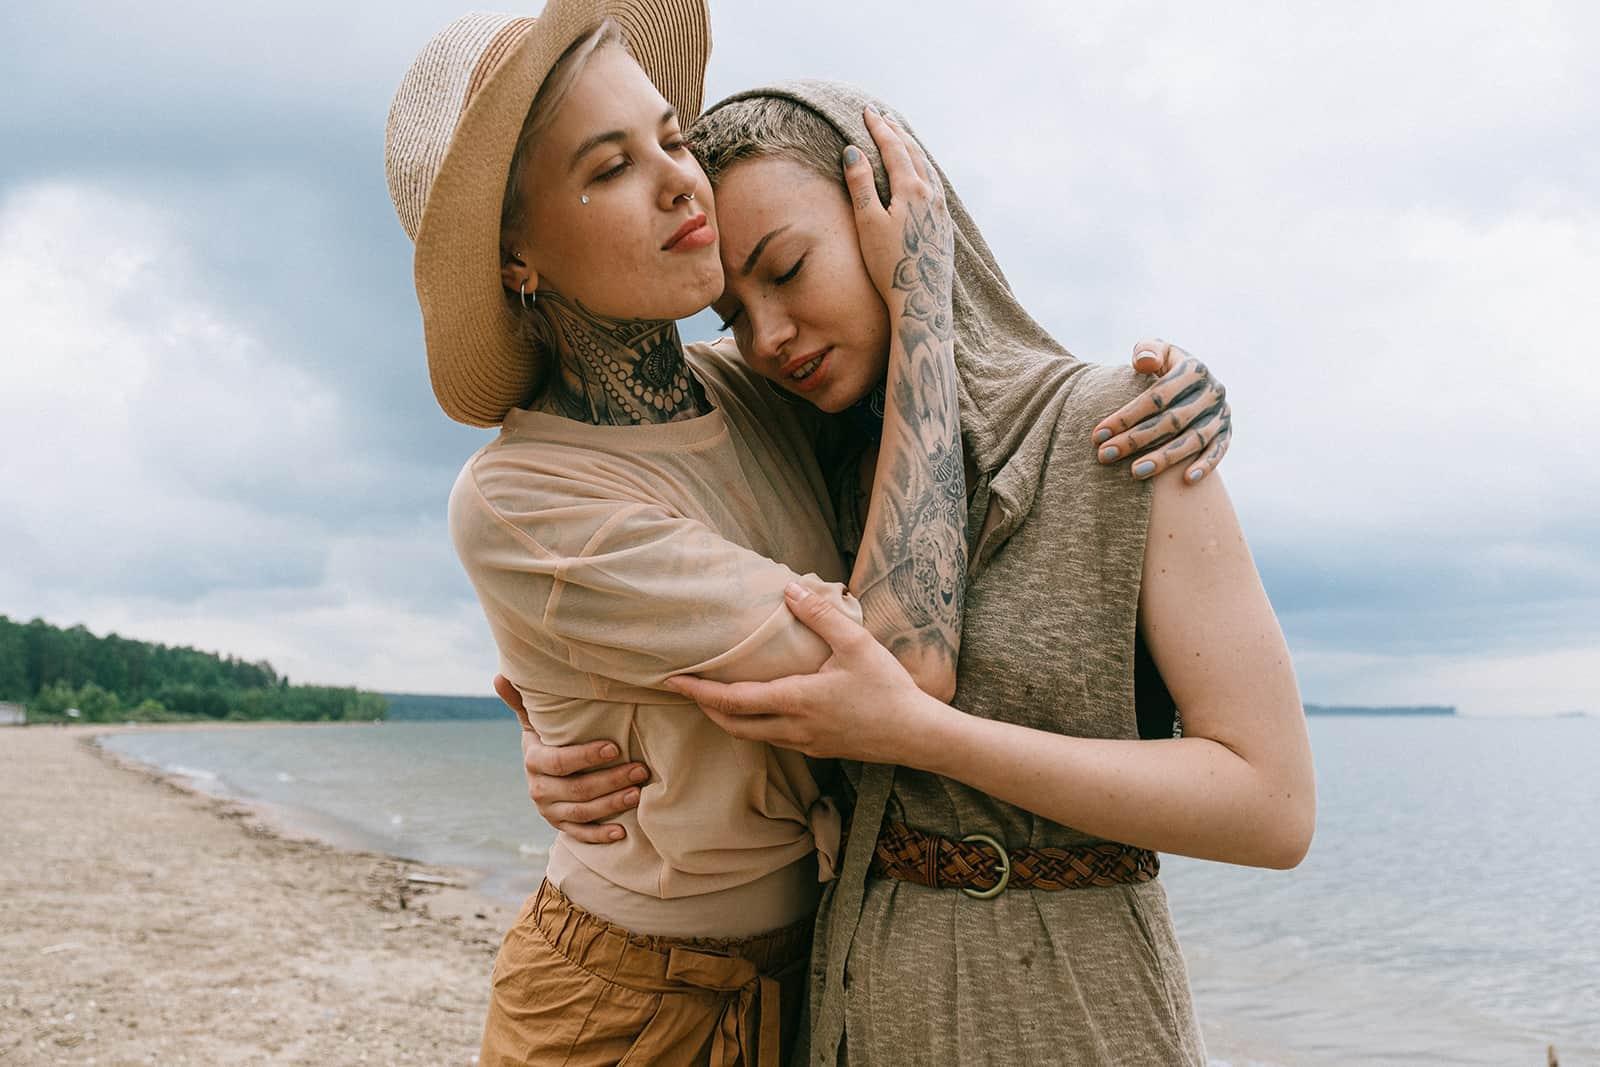 eine Frau, die eine Freundin tröstet, während sie am Strand steht